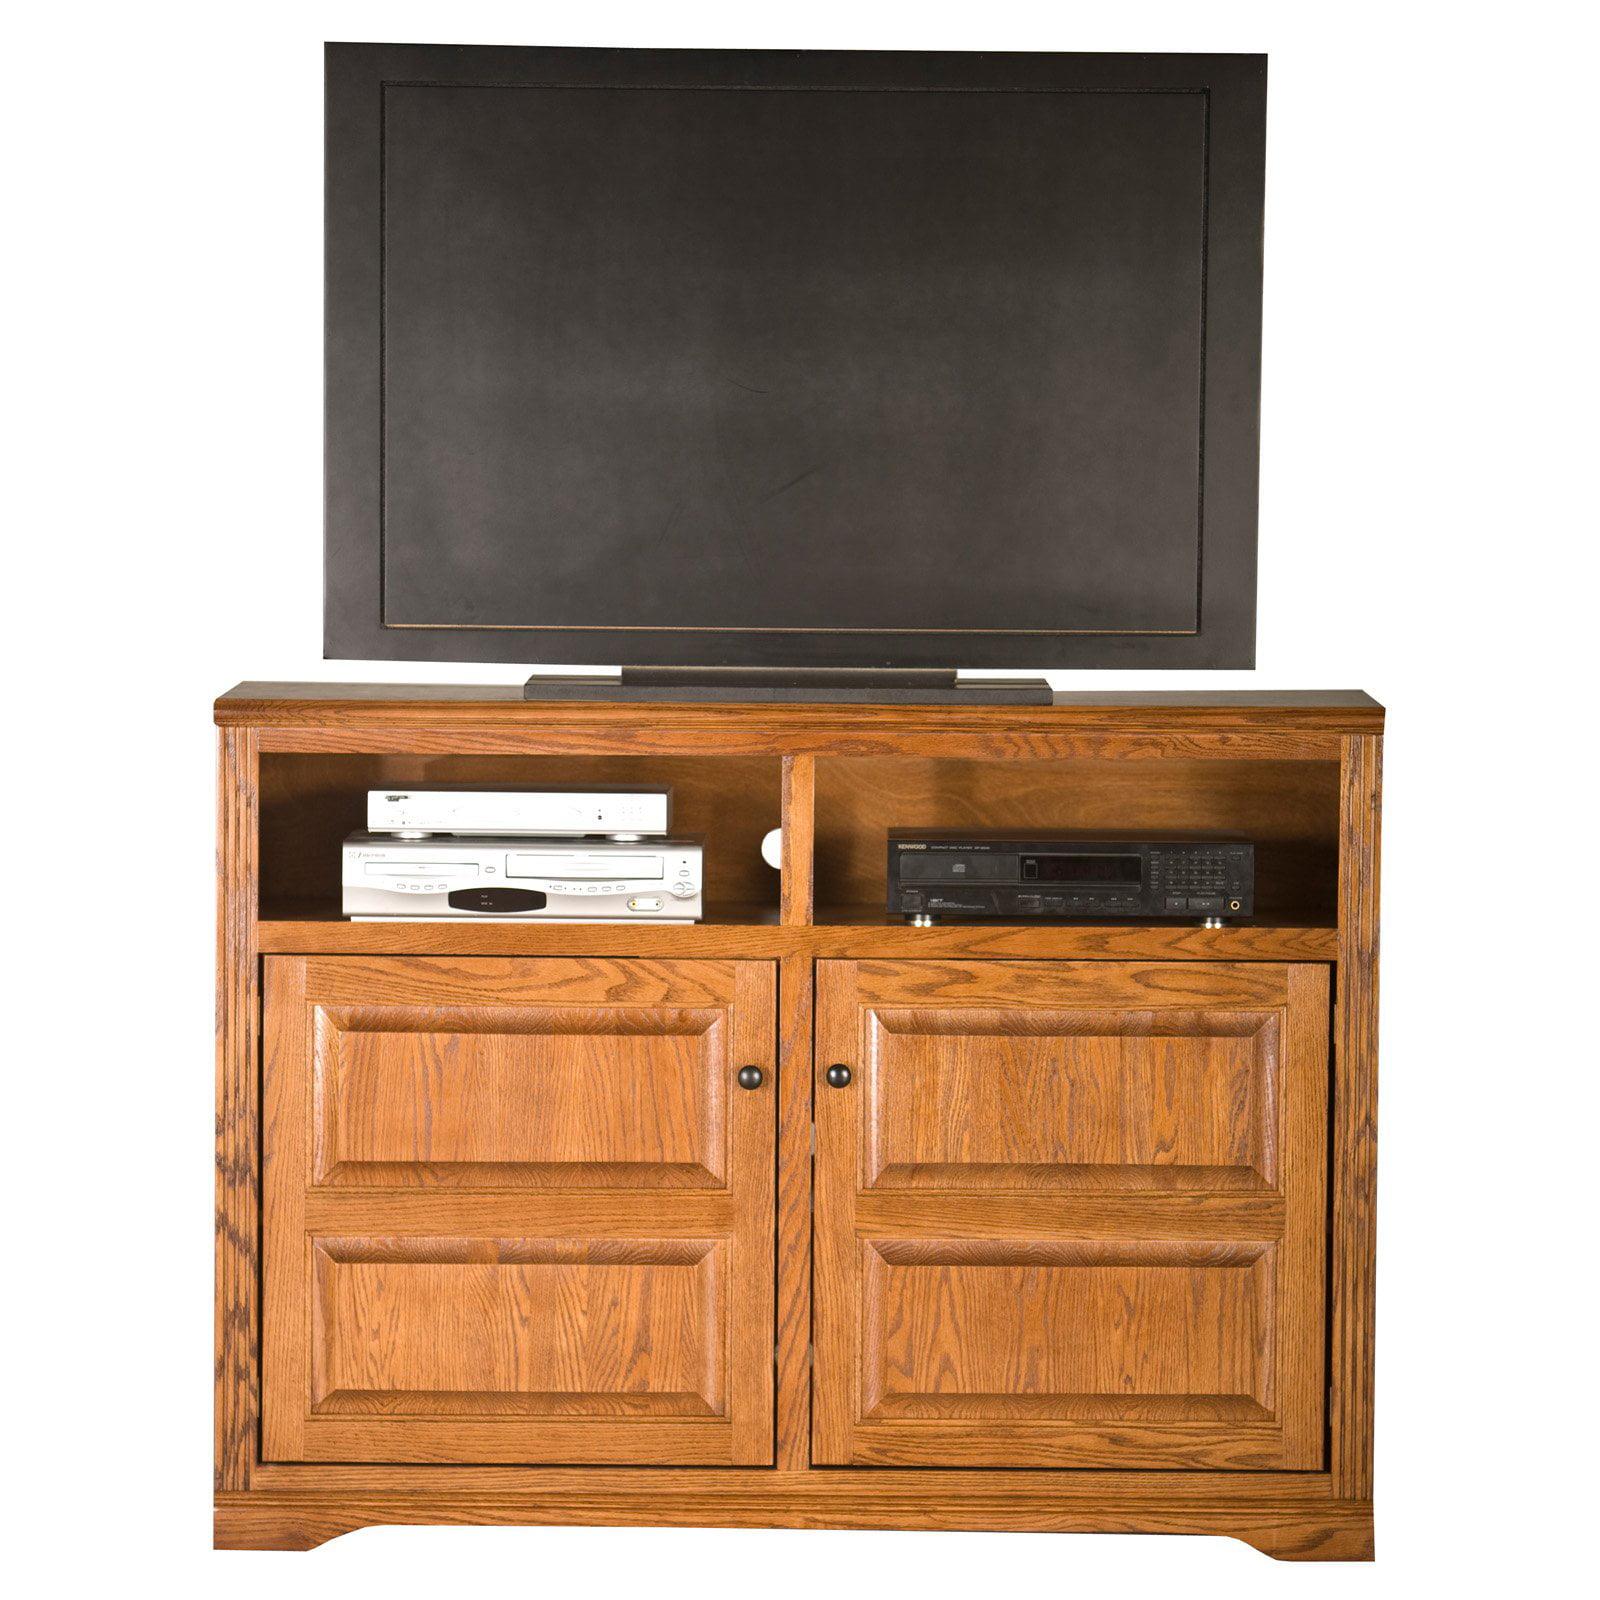 Eagle Furniture Oak Ridge 55 in. TV Stand